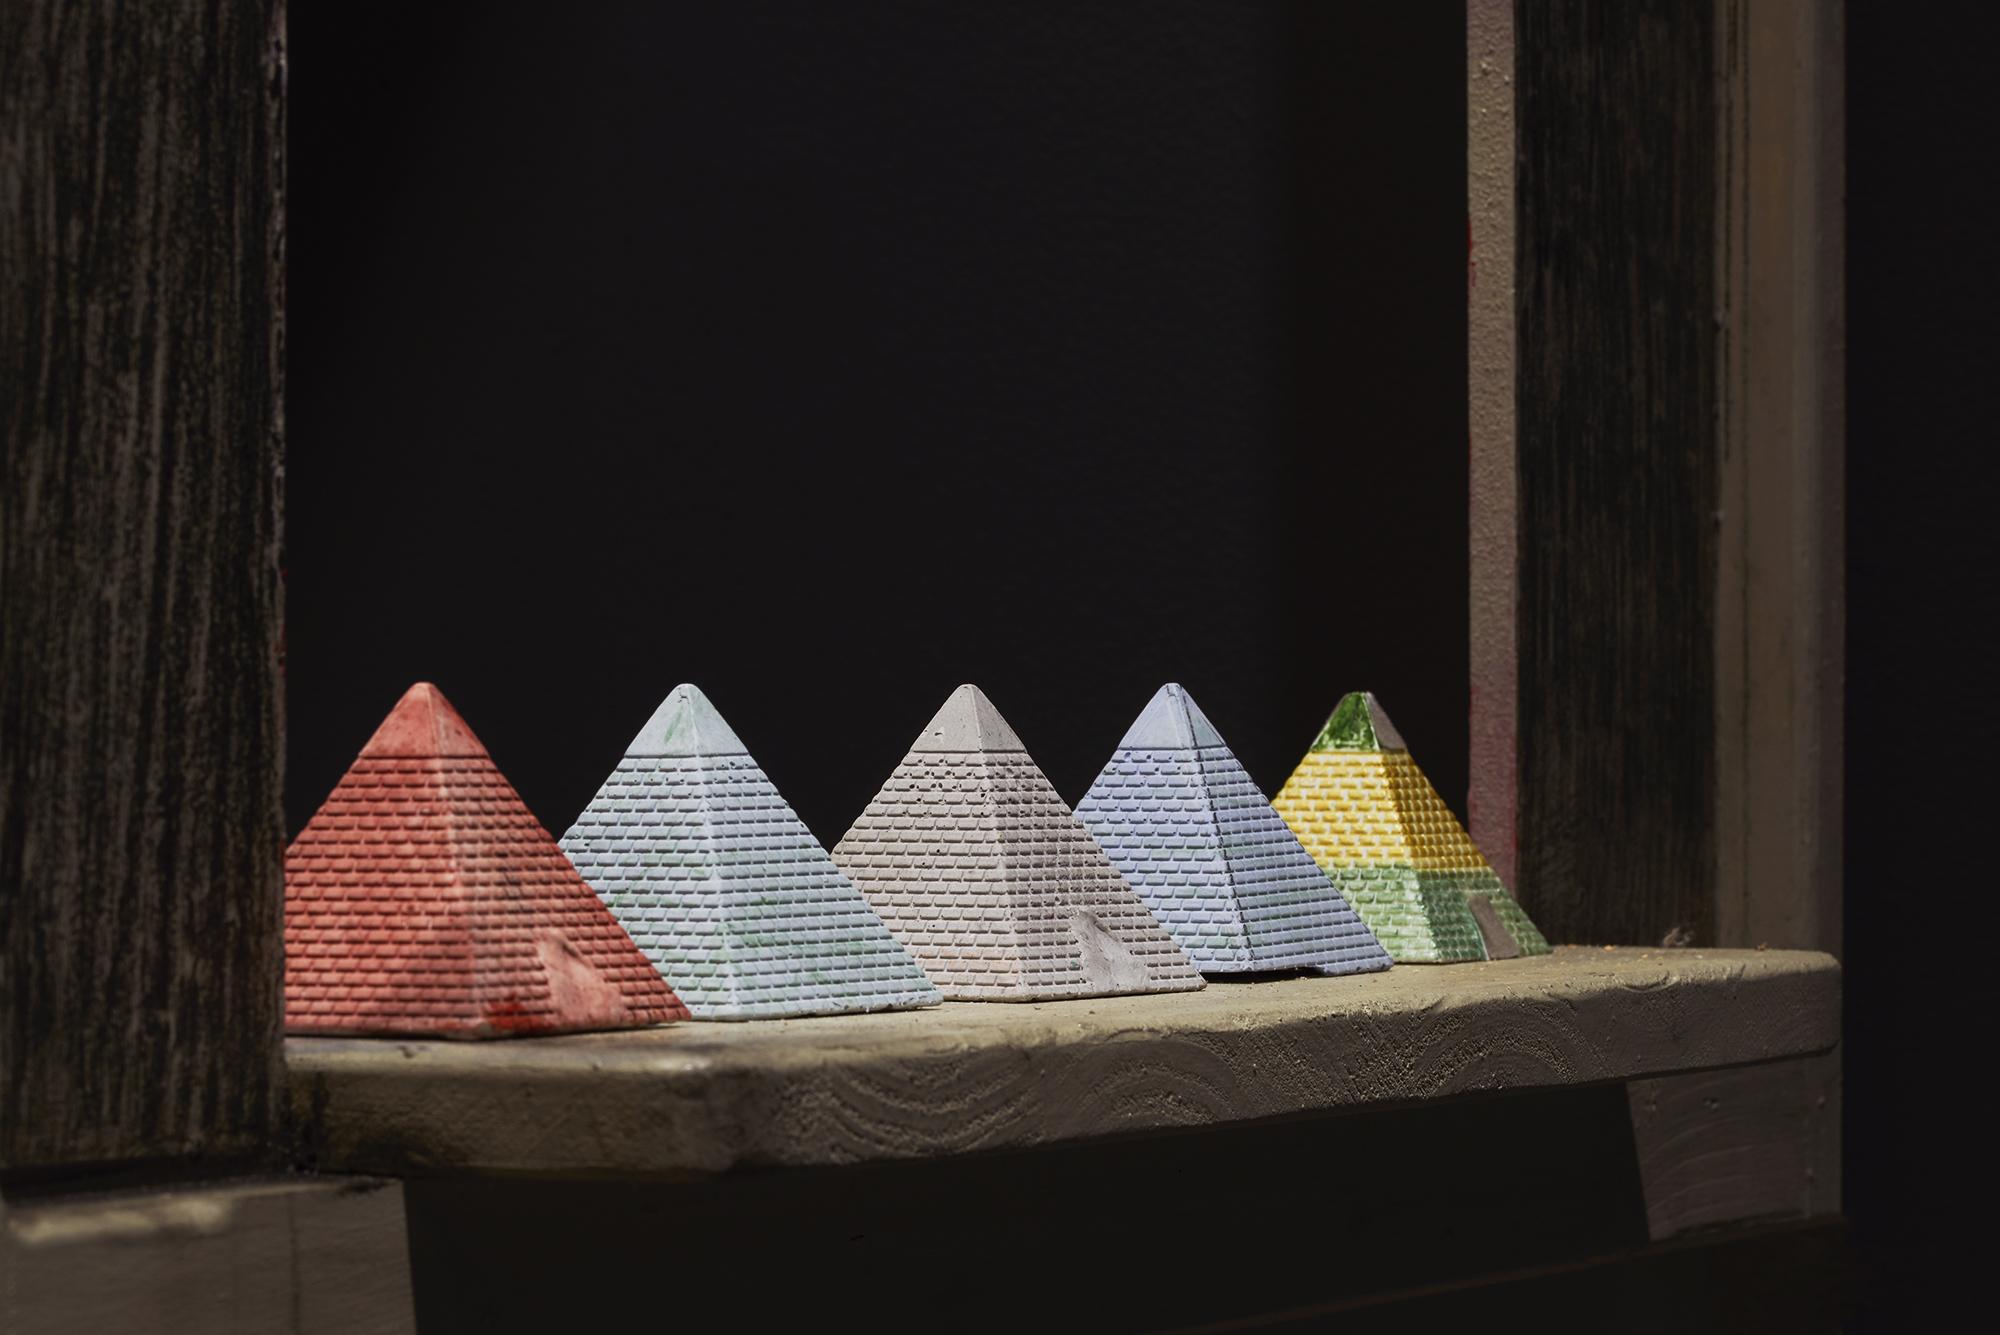 Mashrabiya with Pyramids